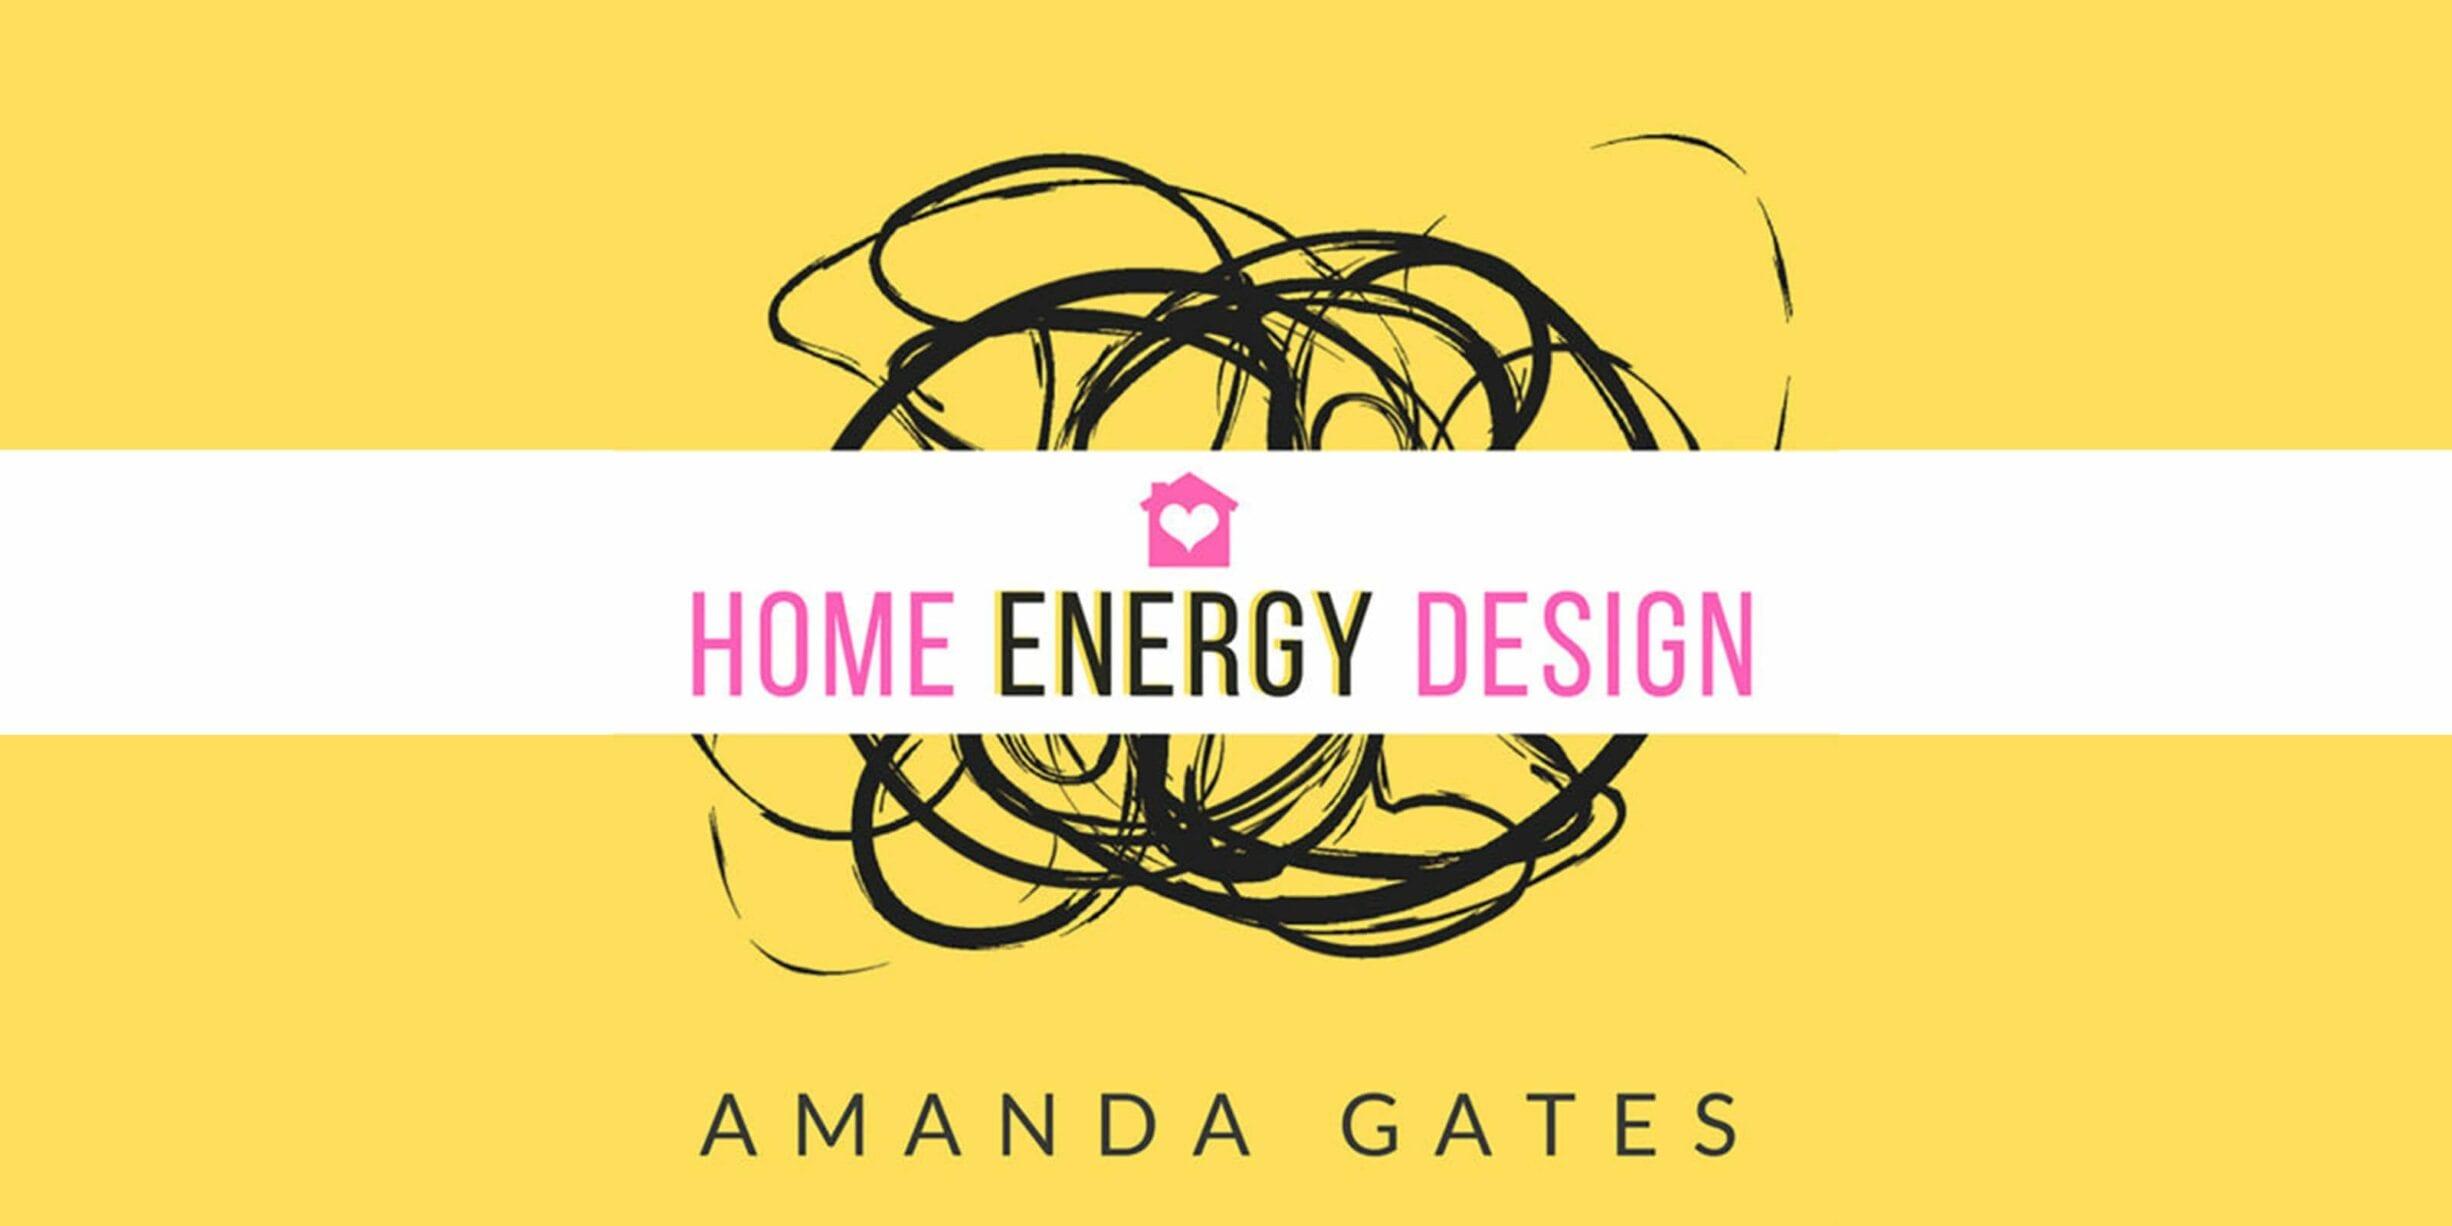 home energy design with amanda gates logo